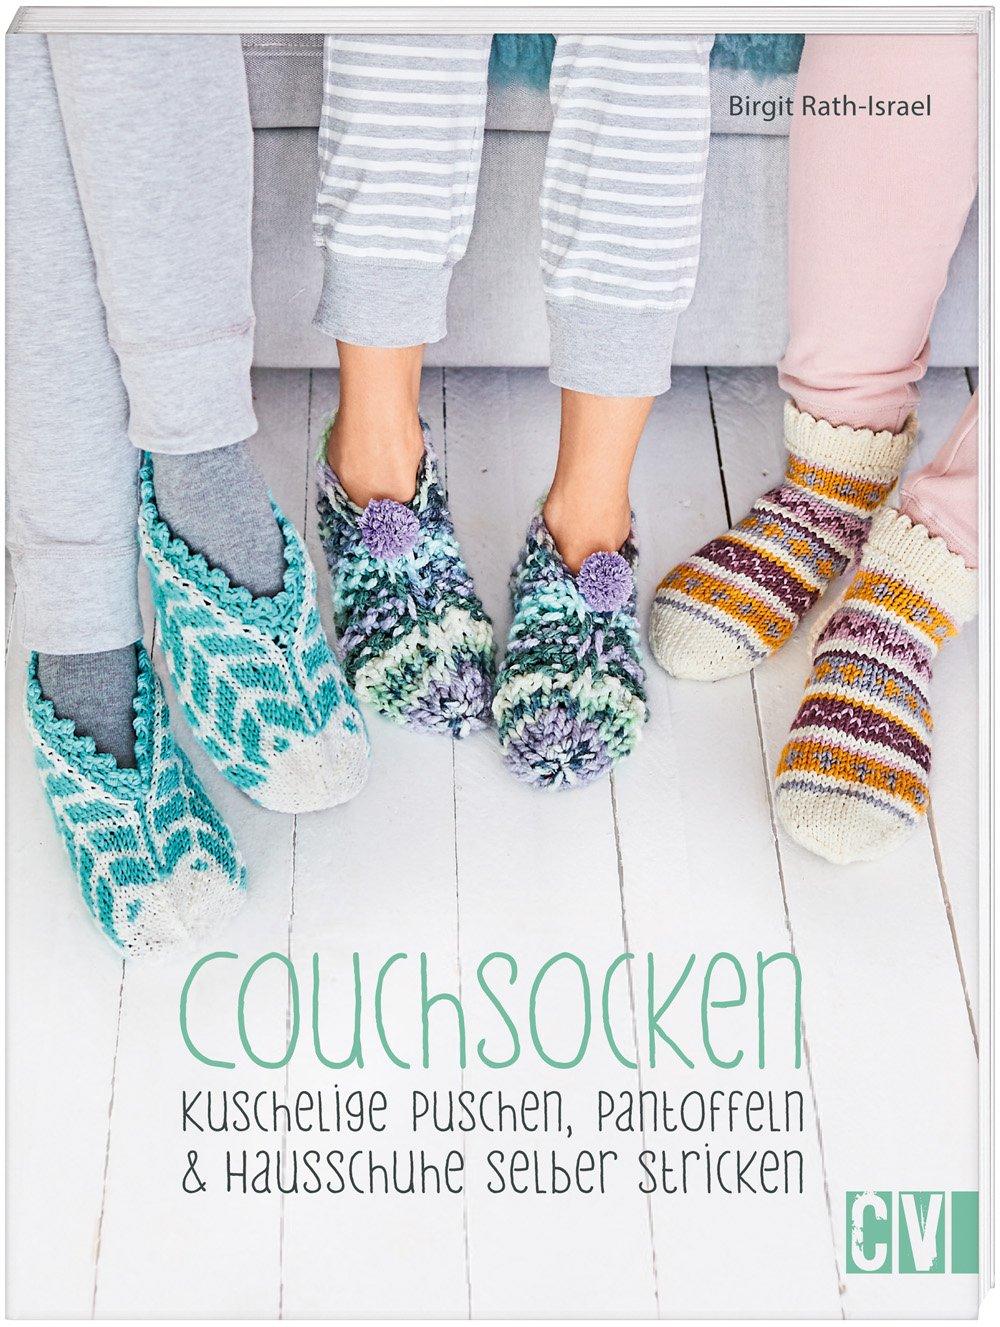 Couchsocken Kuschelige Puschen Pantoffeln Hausschuhe Selber